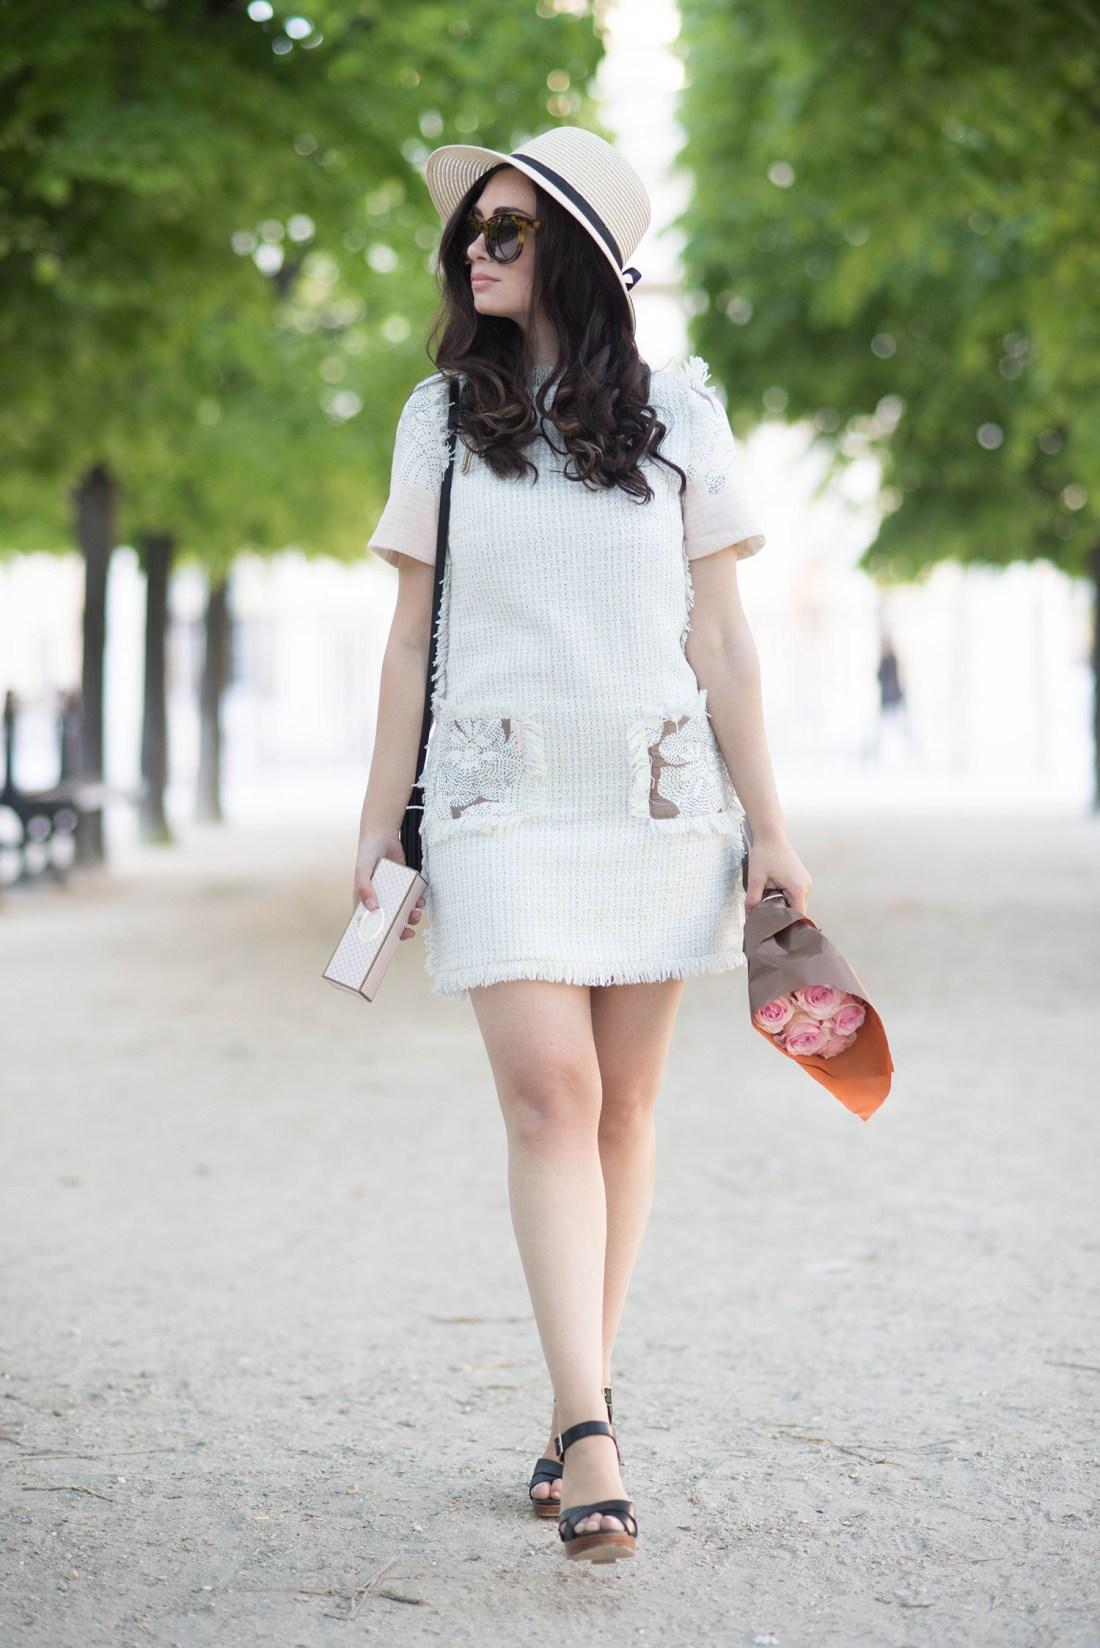 Fashion blogger Cee Fardoe of Coco & Vera walks through the Palais Royal garden wearing a Floriane Fosso dress